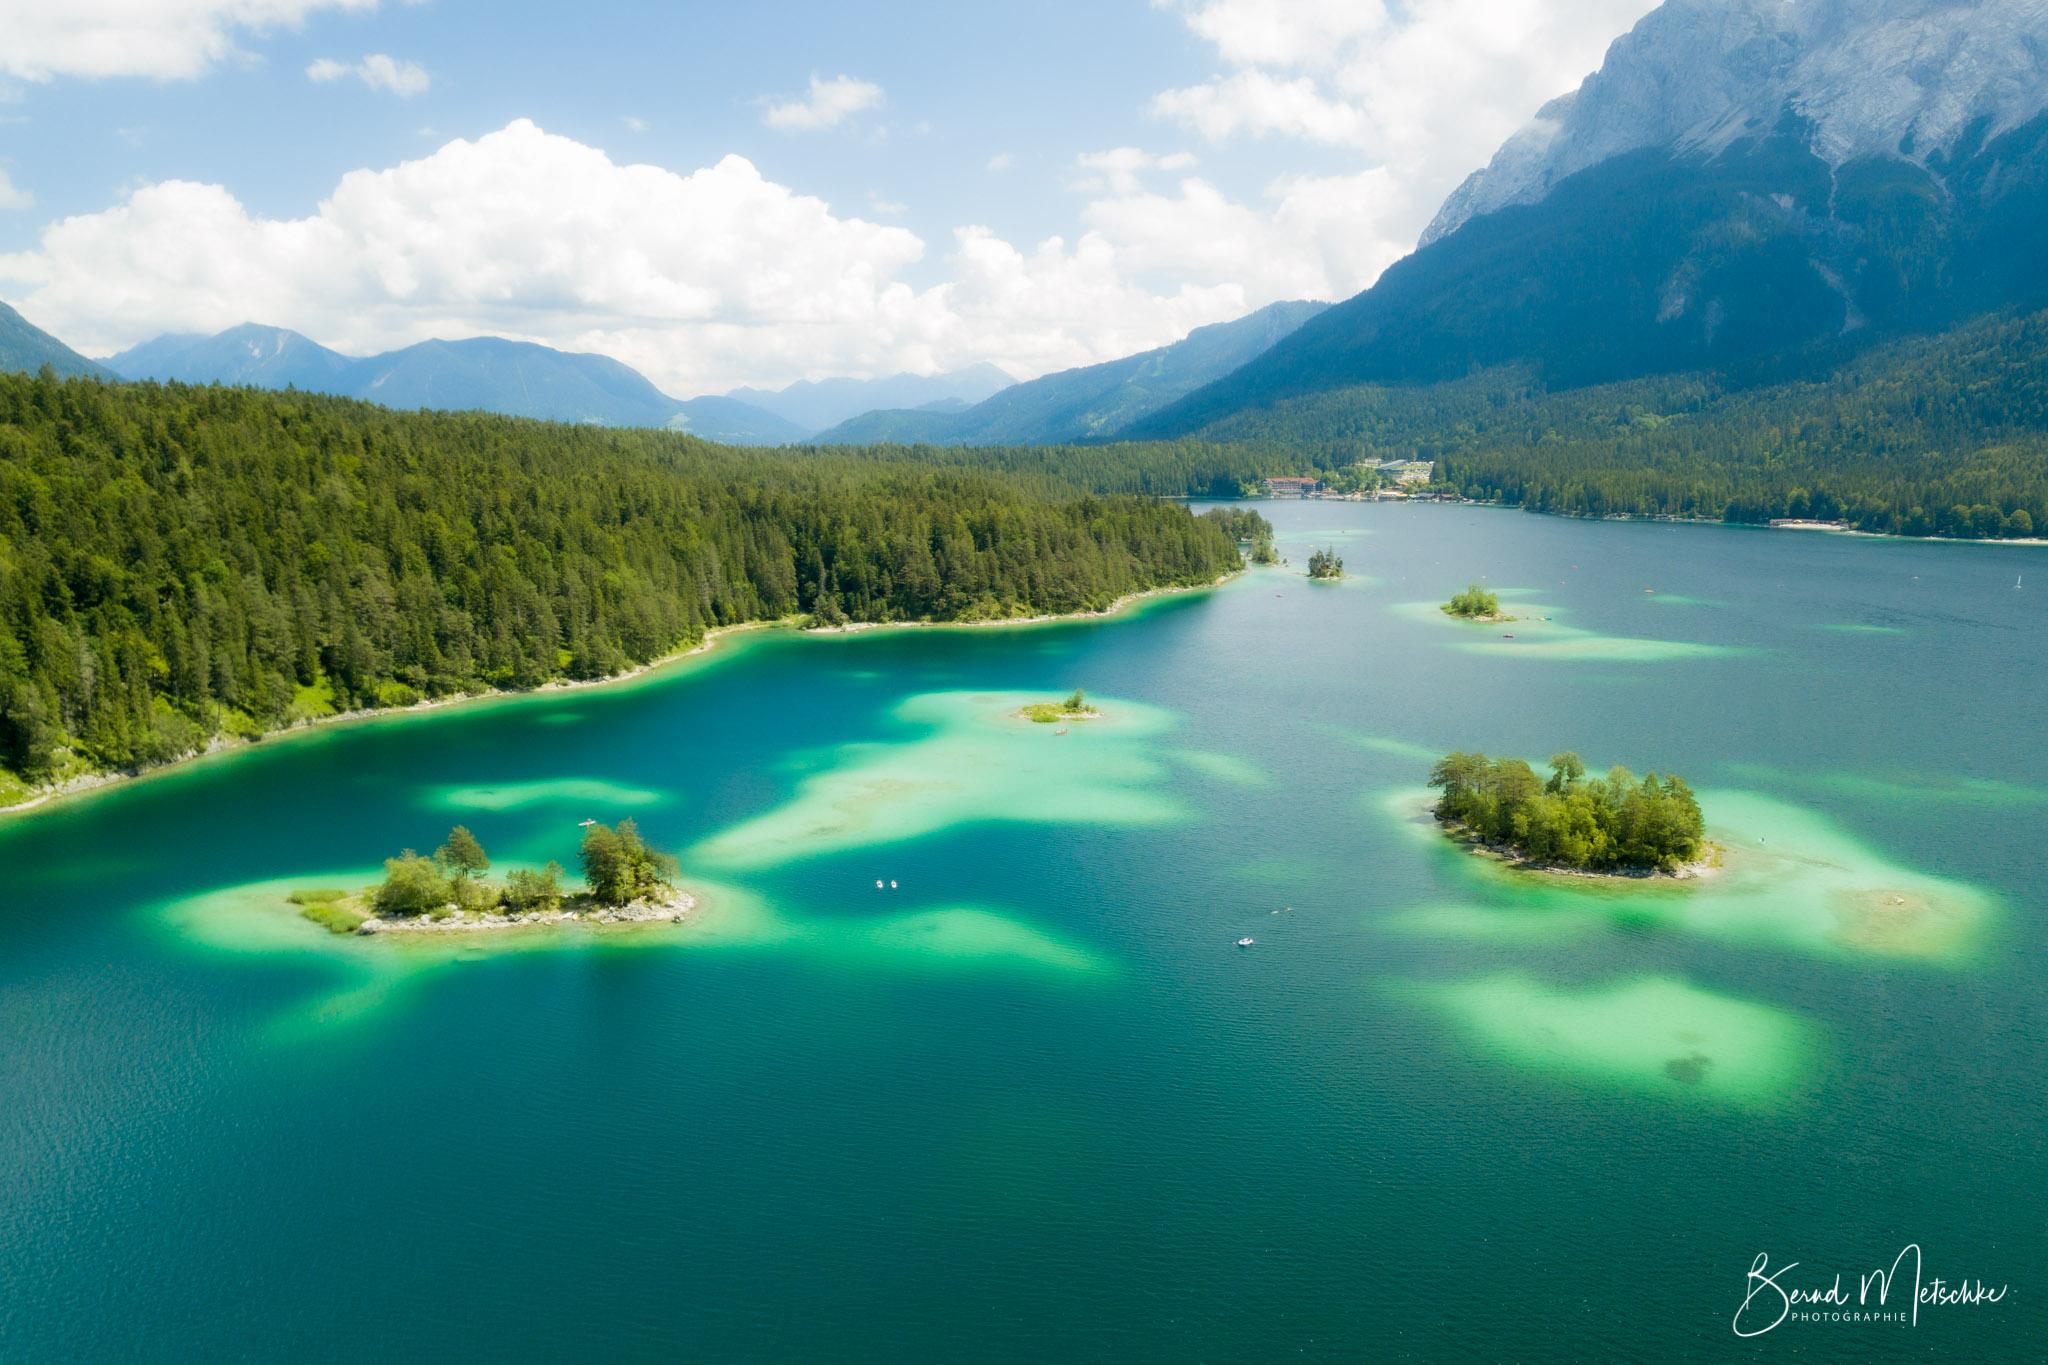 Der Eibsee ist ein wunderschöner, kristallklarer und naturbelassener grün schimmernder Gebirgssee.